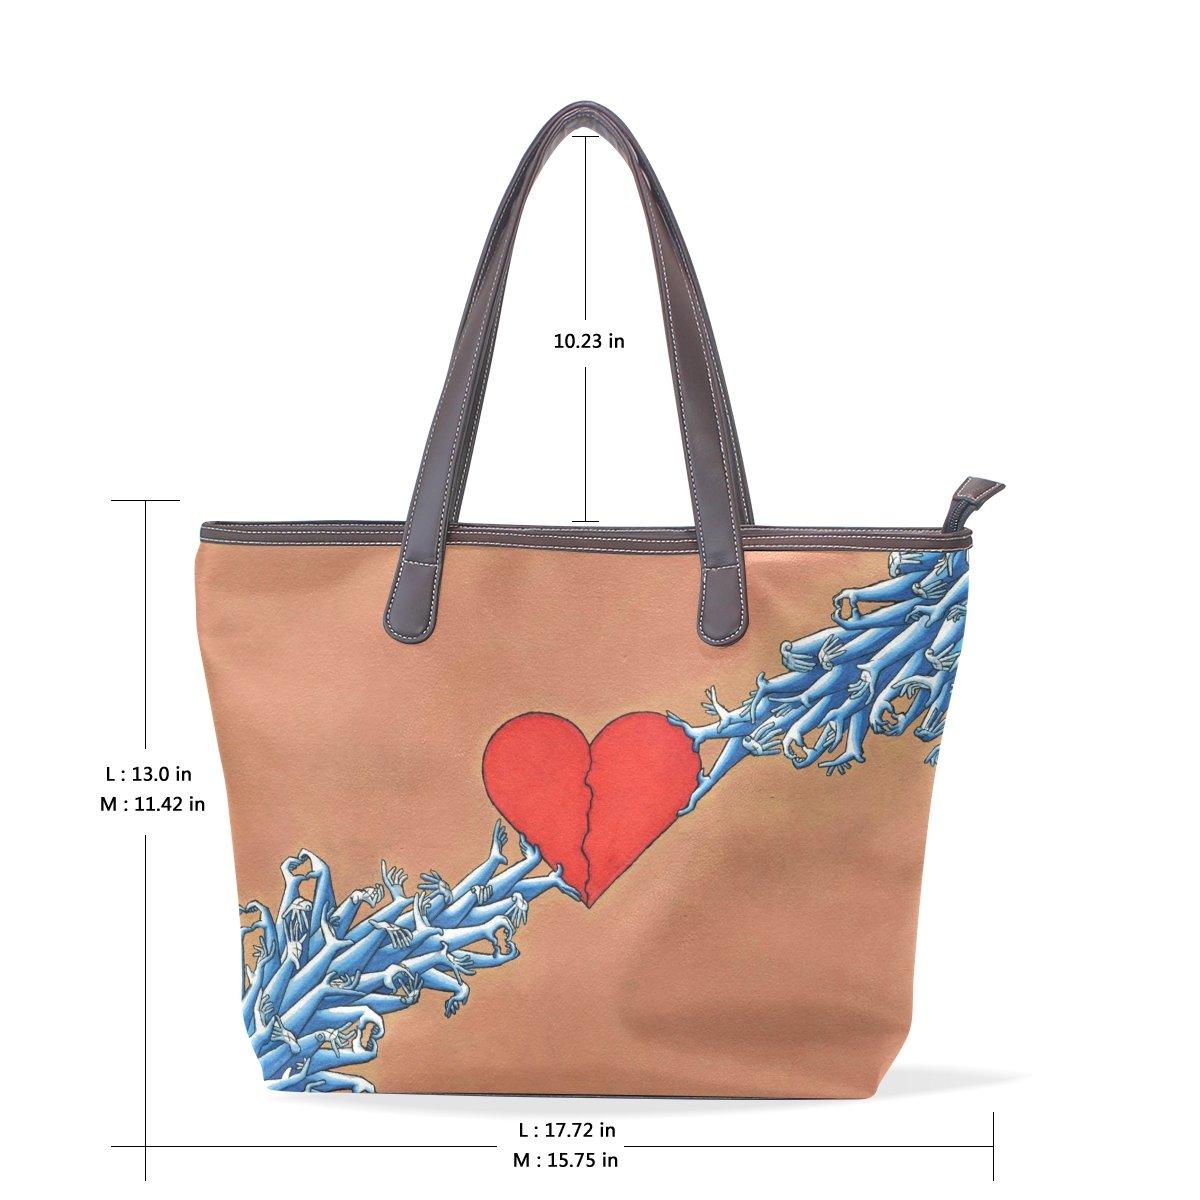 SCDS Red Heart PU Leather Lady Handbag Tote Bag Zipper Shoulder Bag